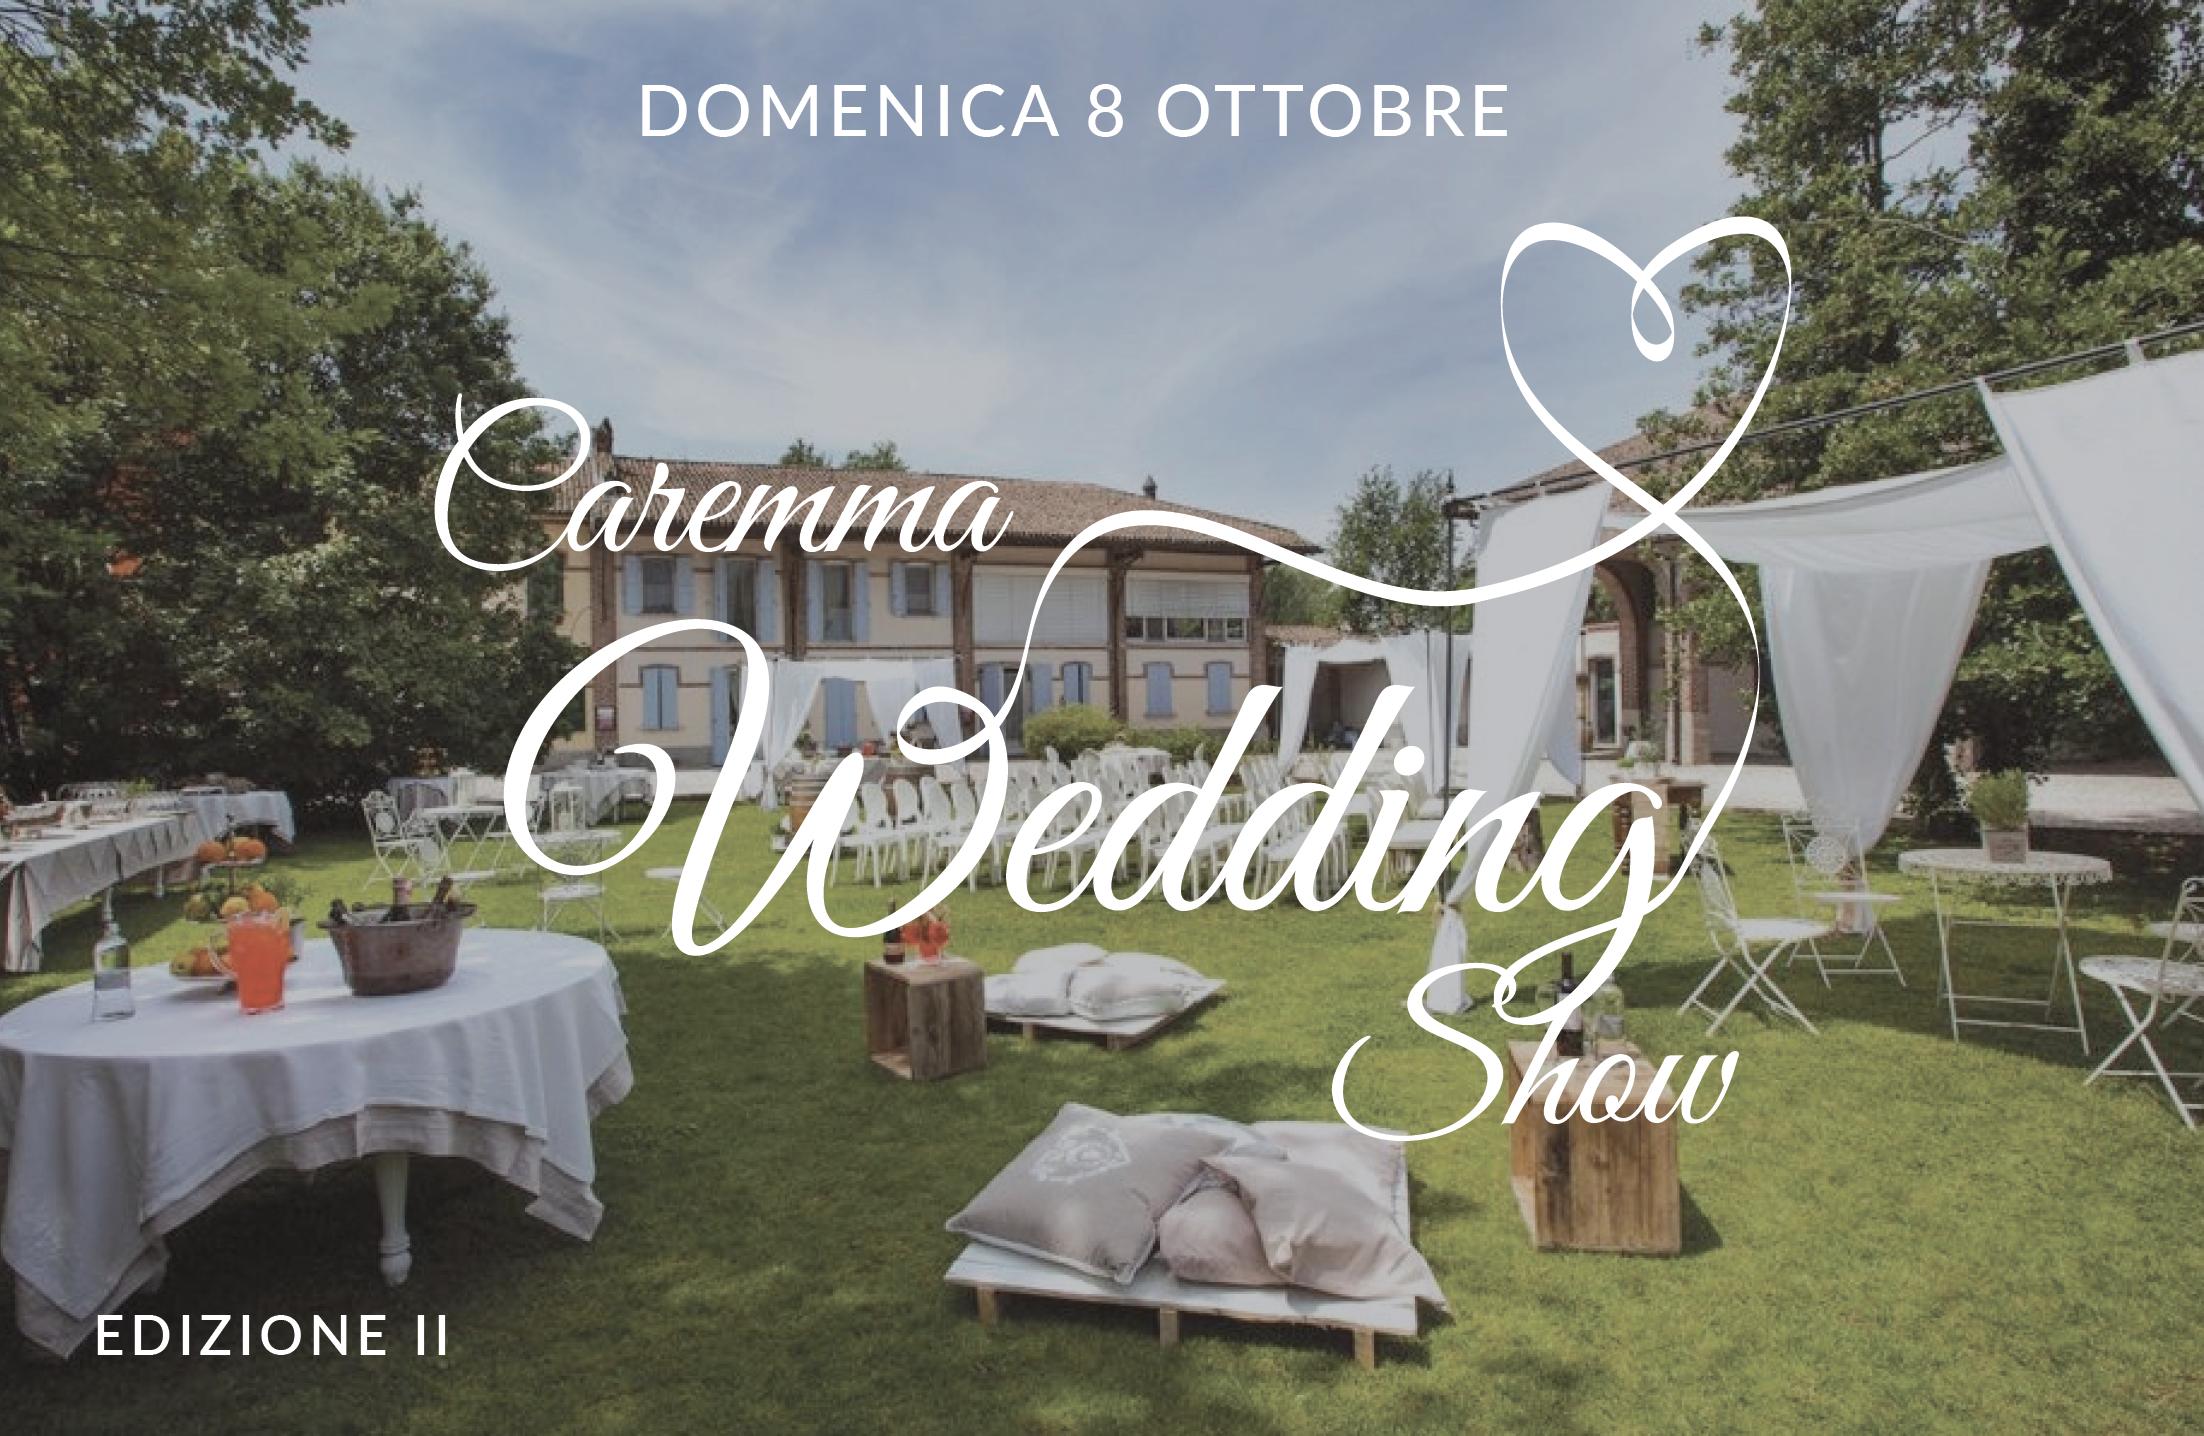 Cascina Caremma Wedding Show 8ottobre